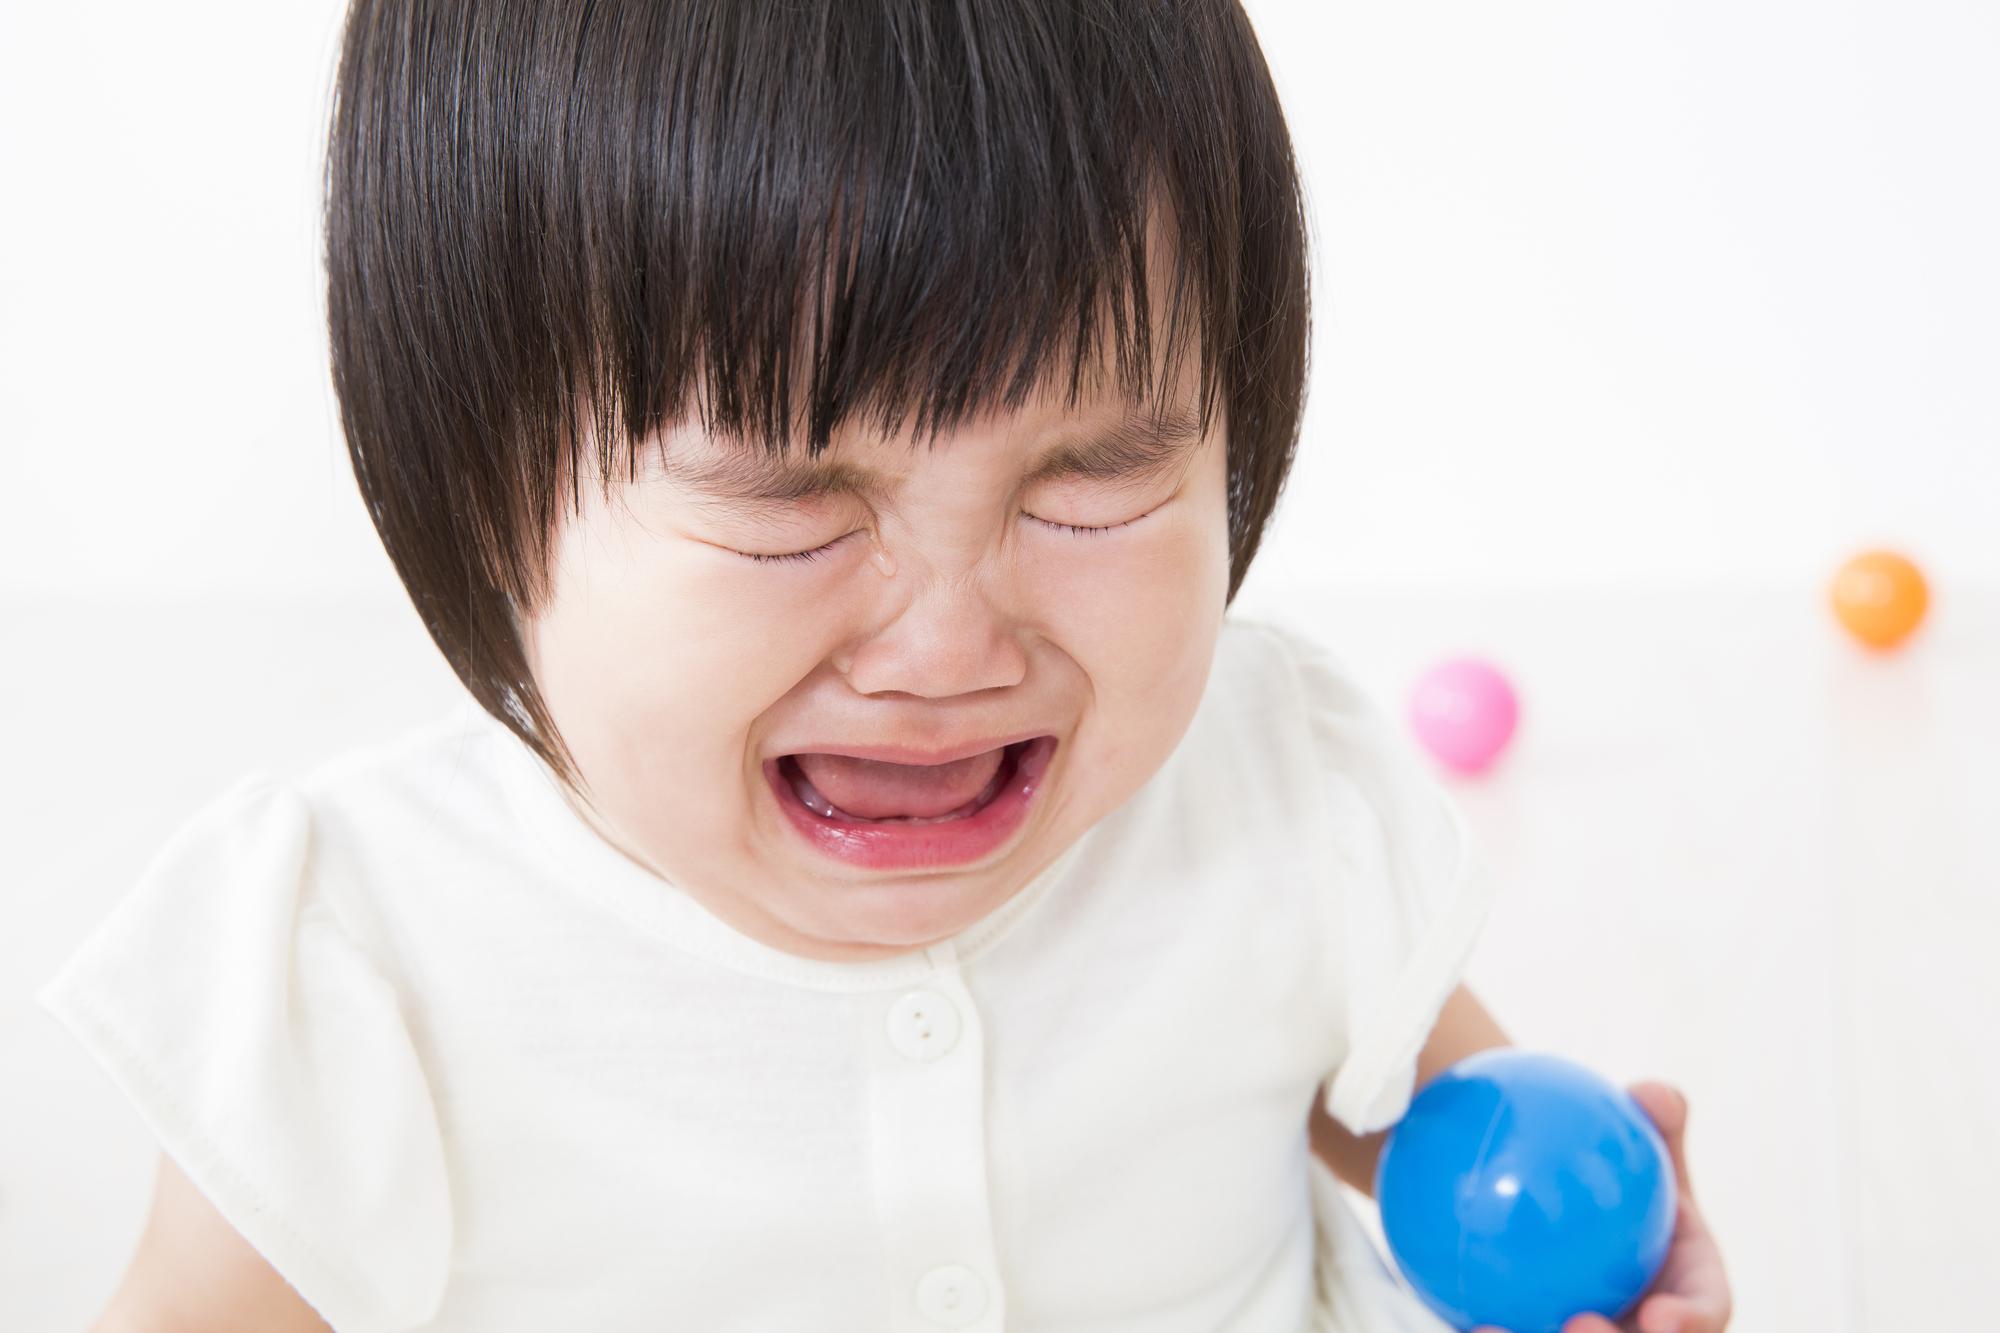 た 切っ 赤ちゃん 口 の 中